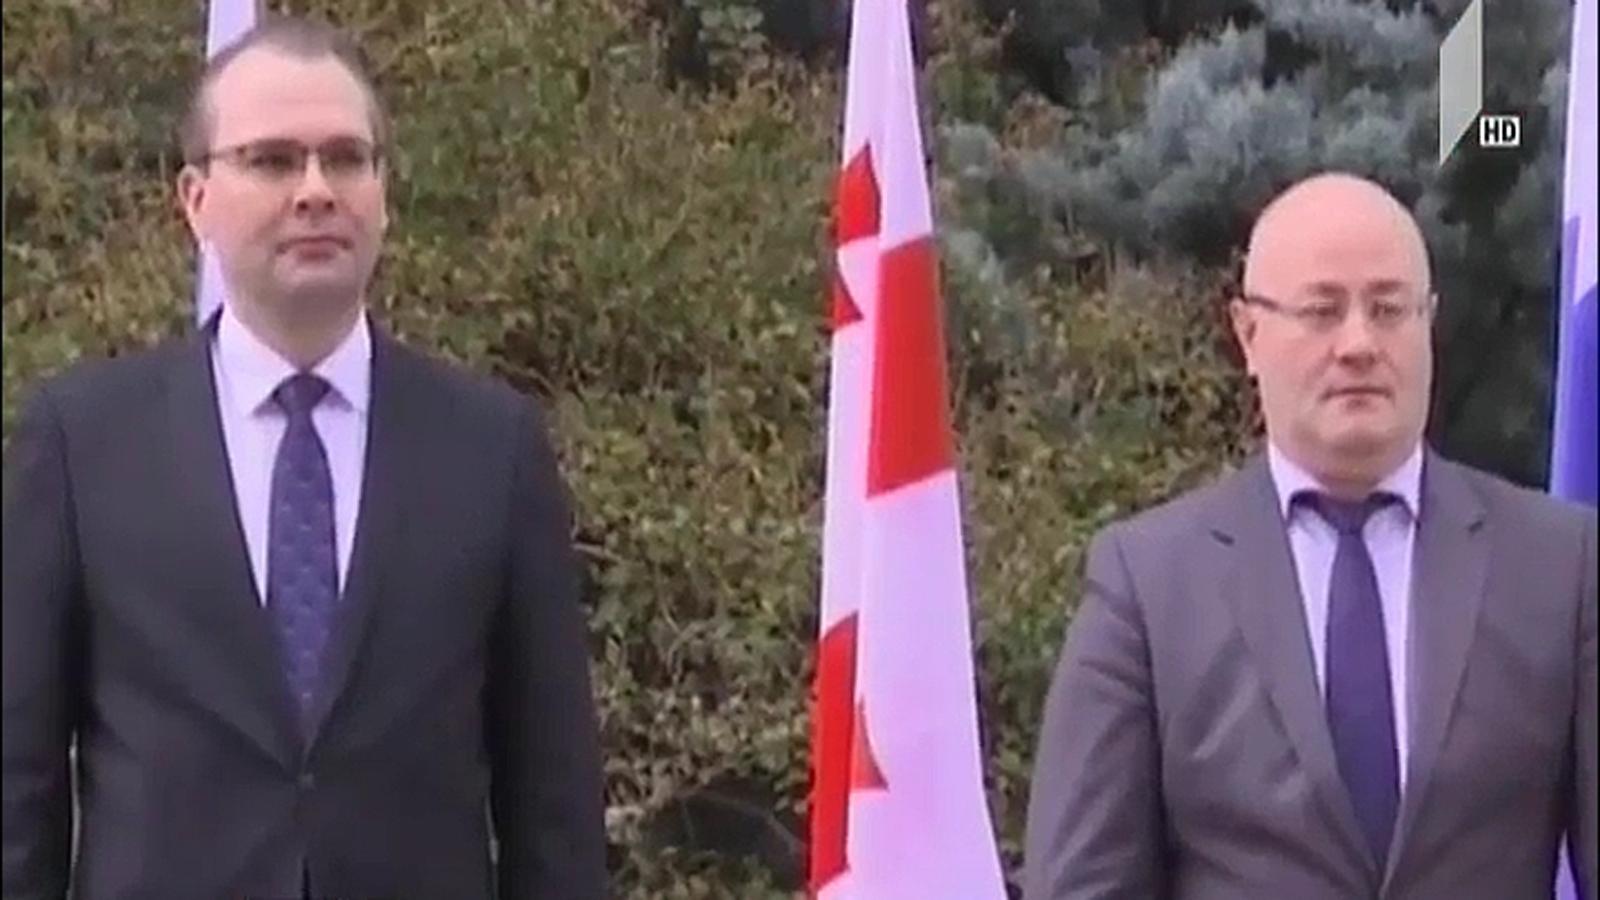 საქართველოში ფინეთის თავდაცვის მინისტრი იმყოფება